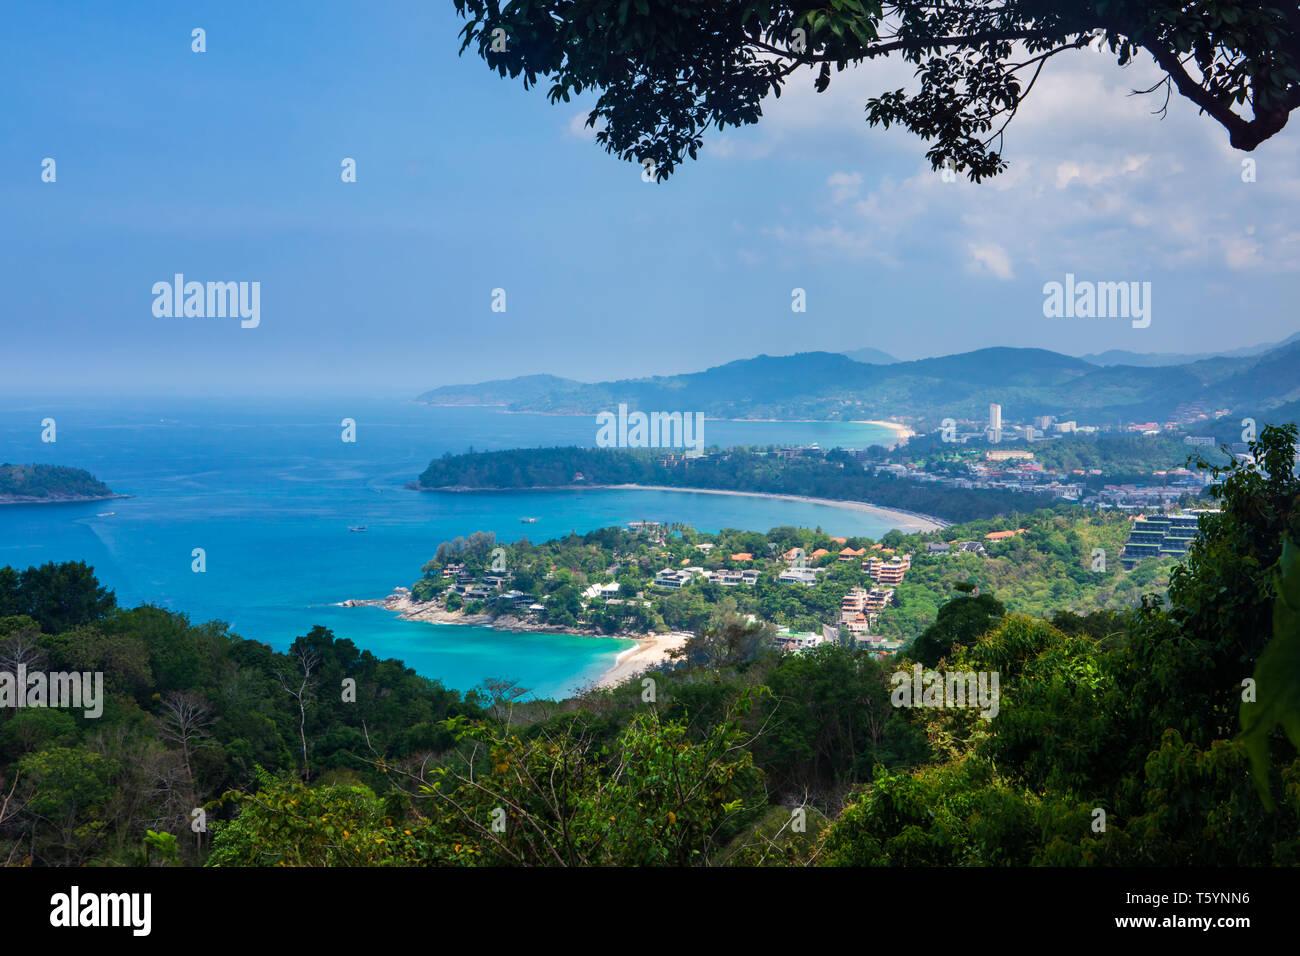 Karon View Point on Karon village, Kata and Karon beaches - Stock Image